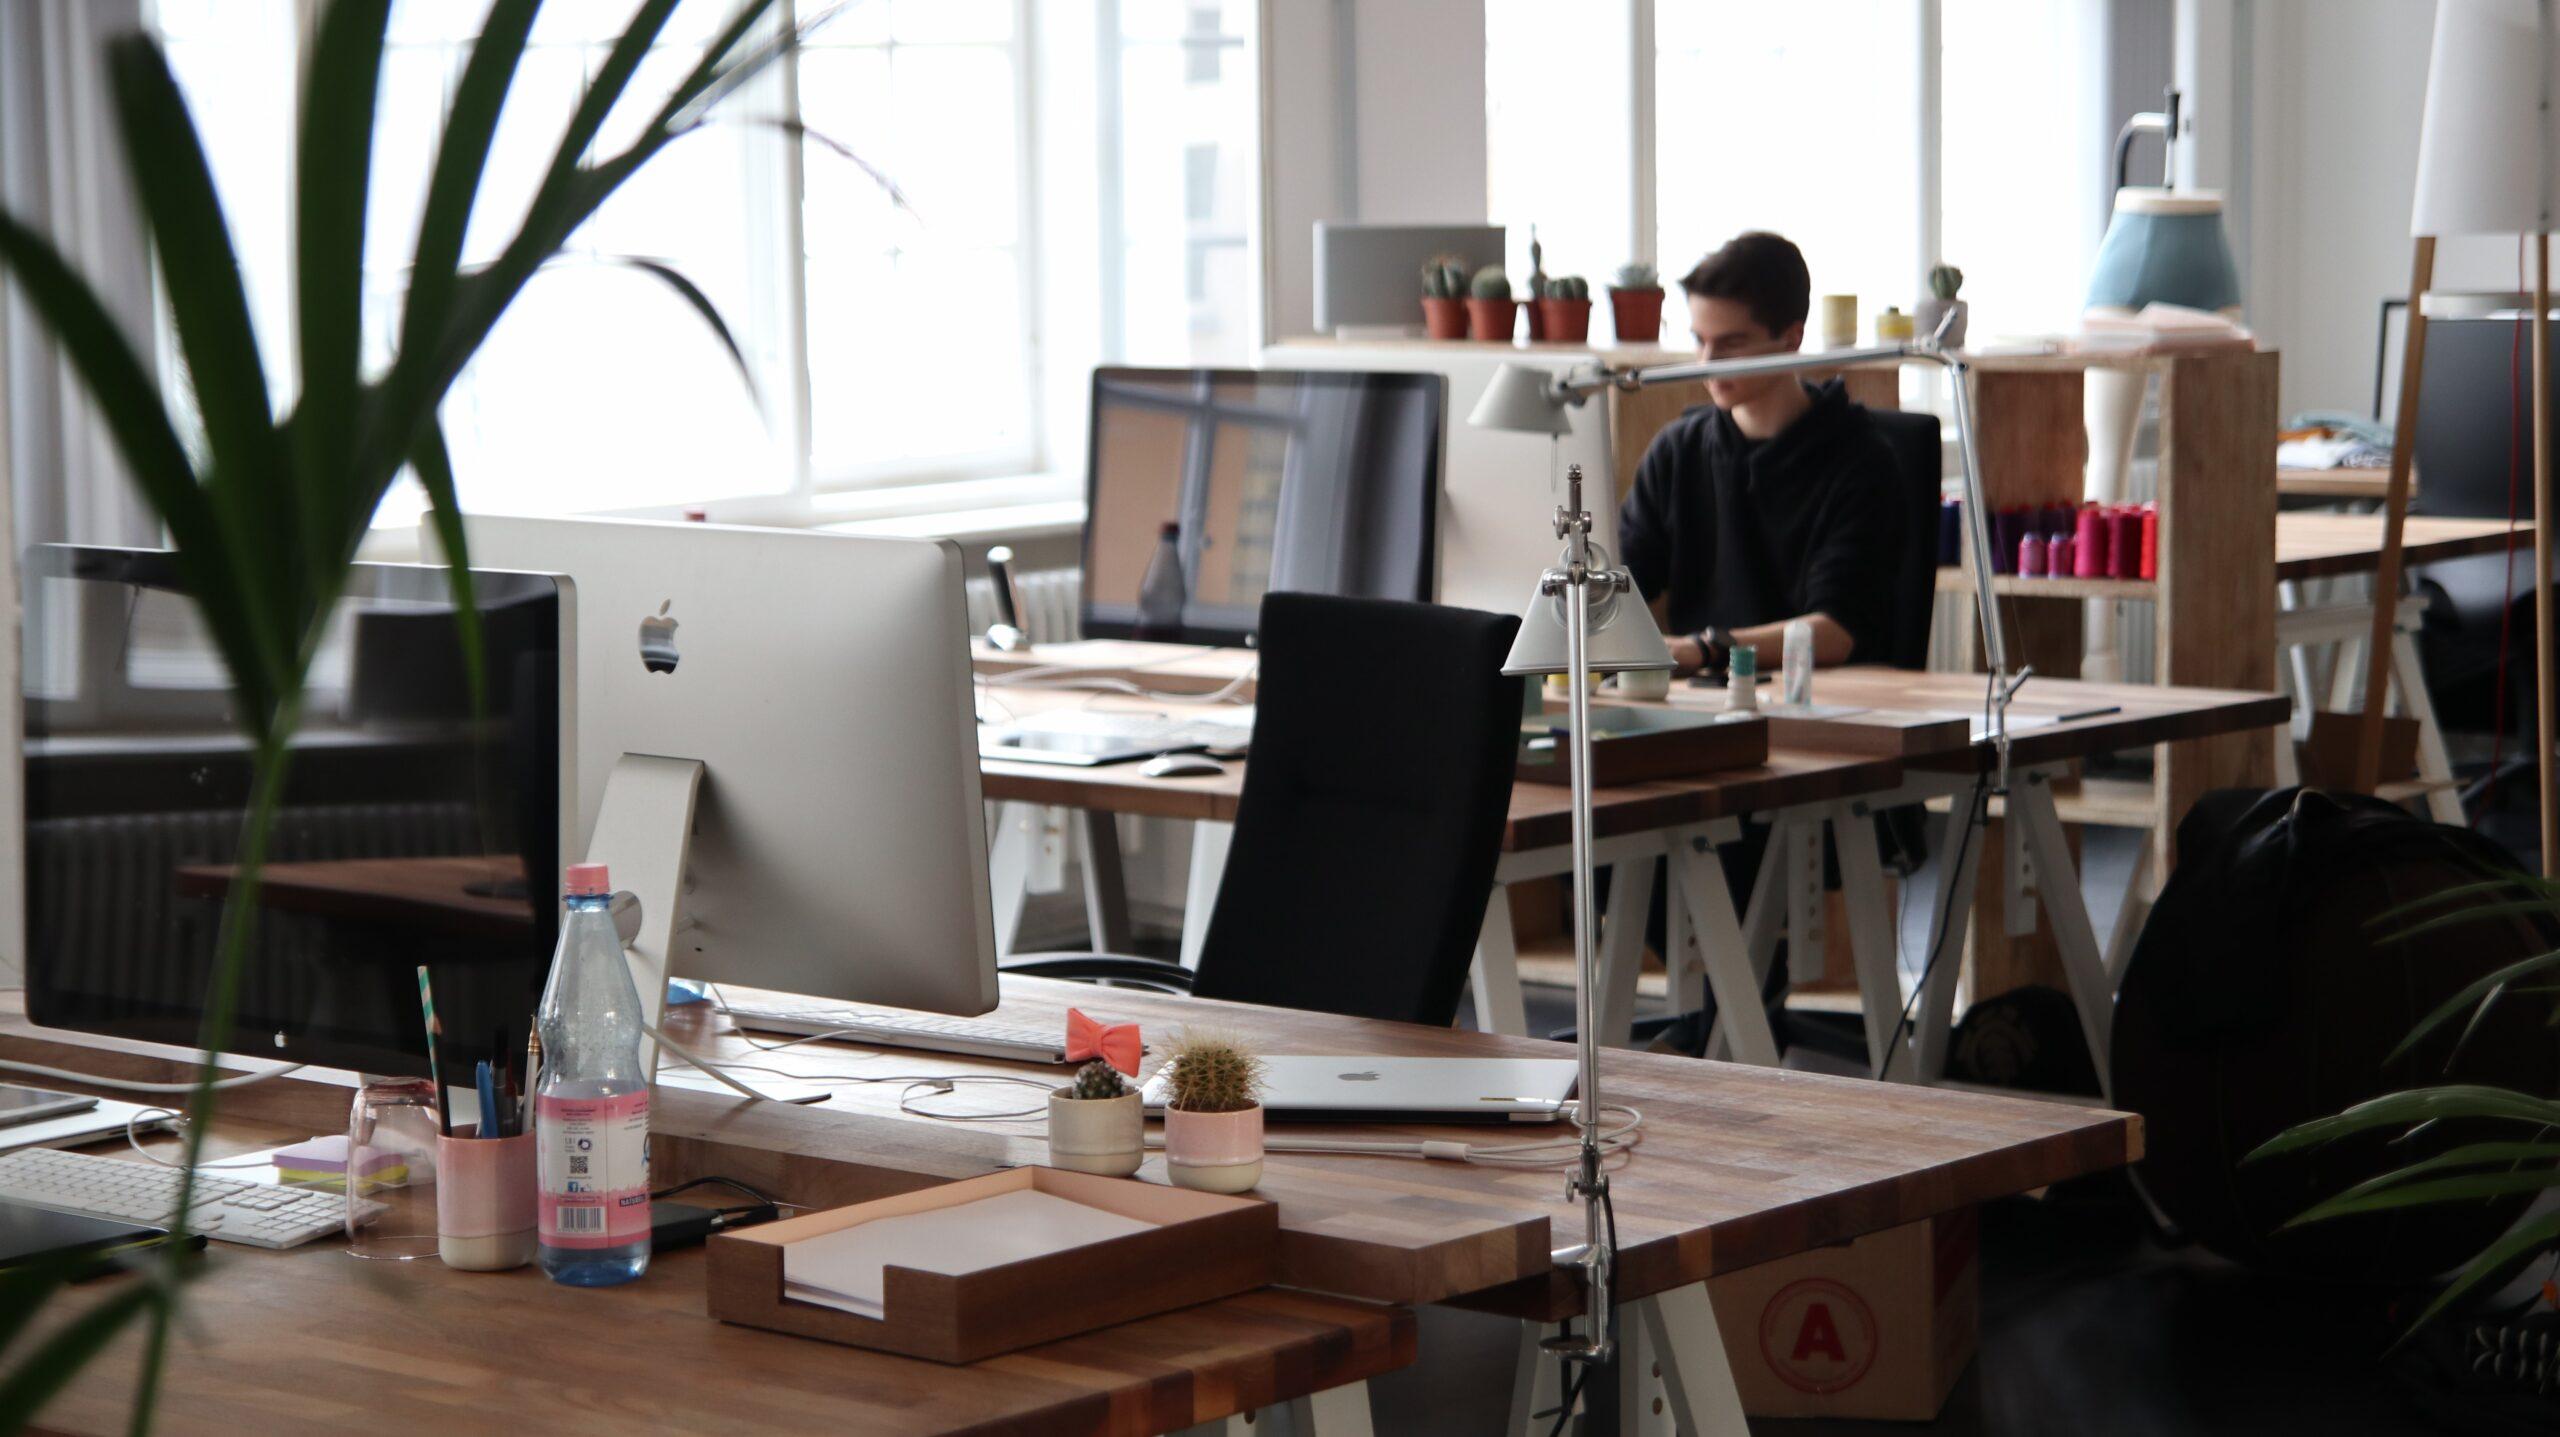 オフィス内にBGMを導入すると本当に生産性は上がるのか?